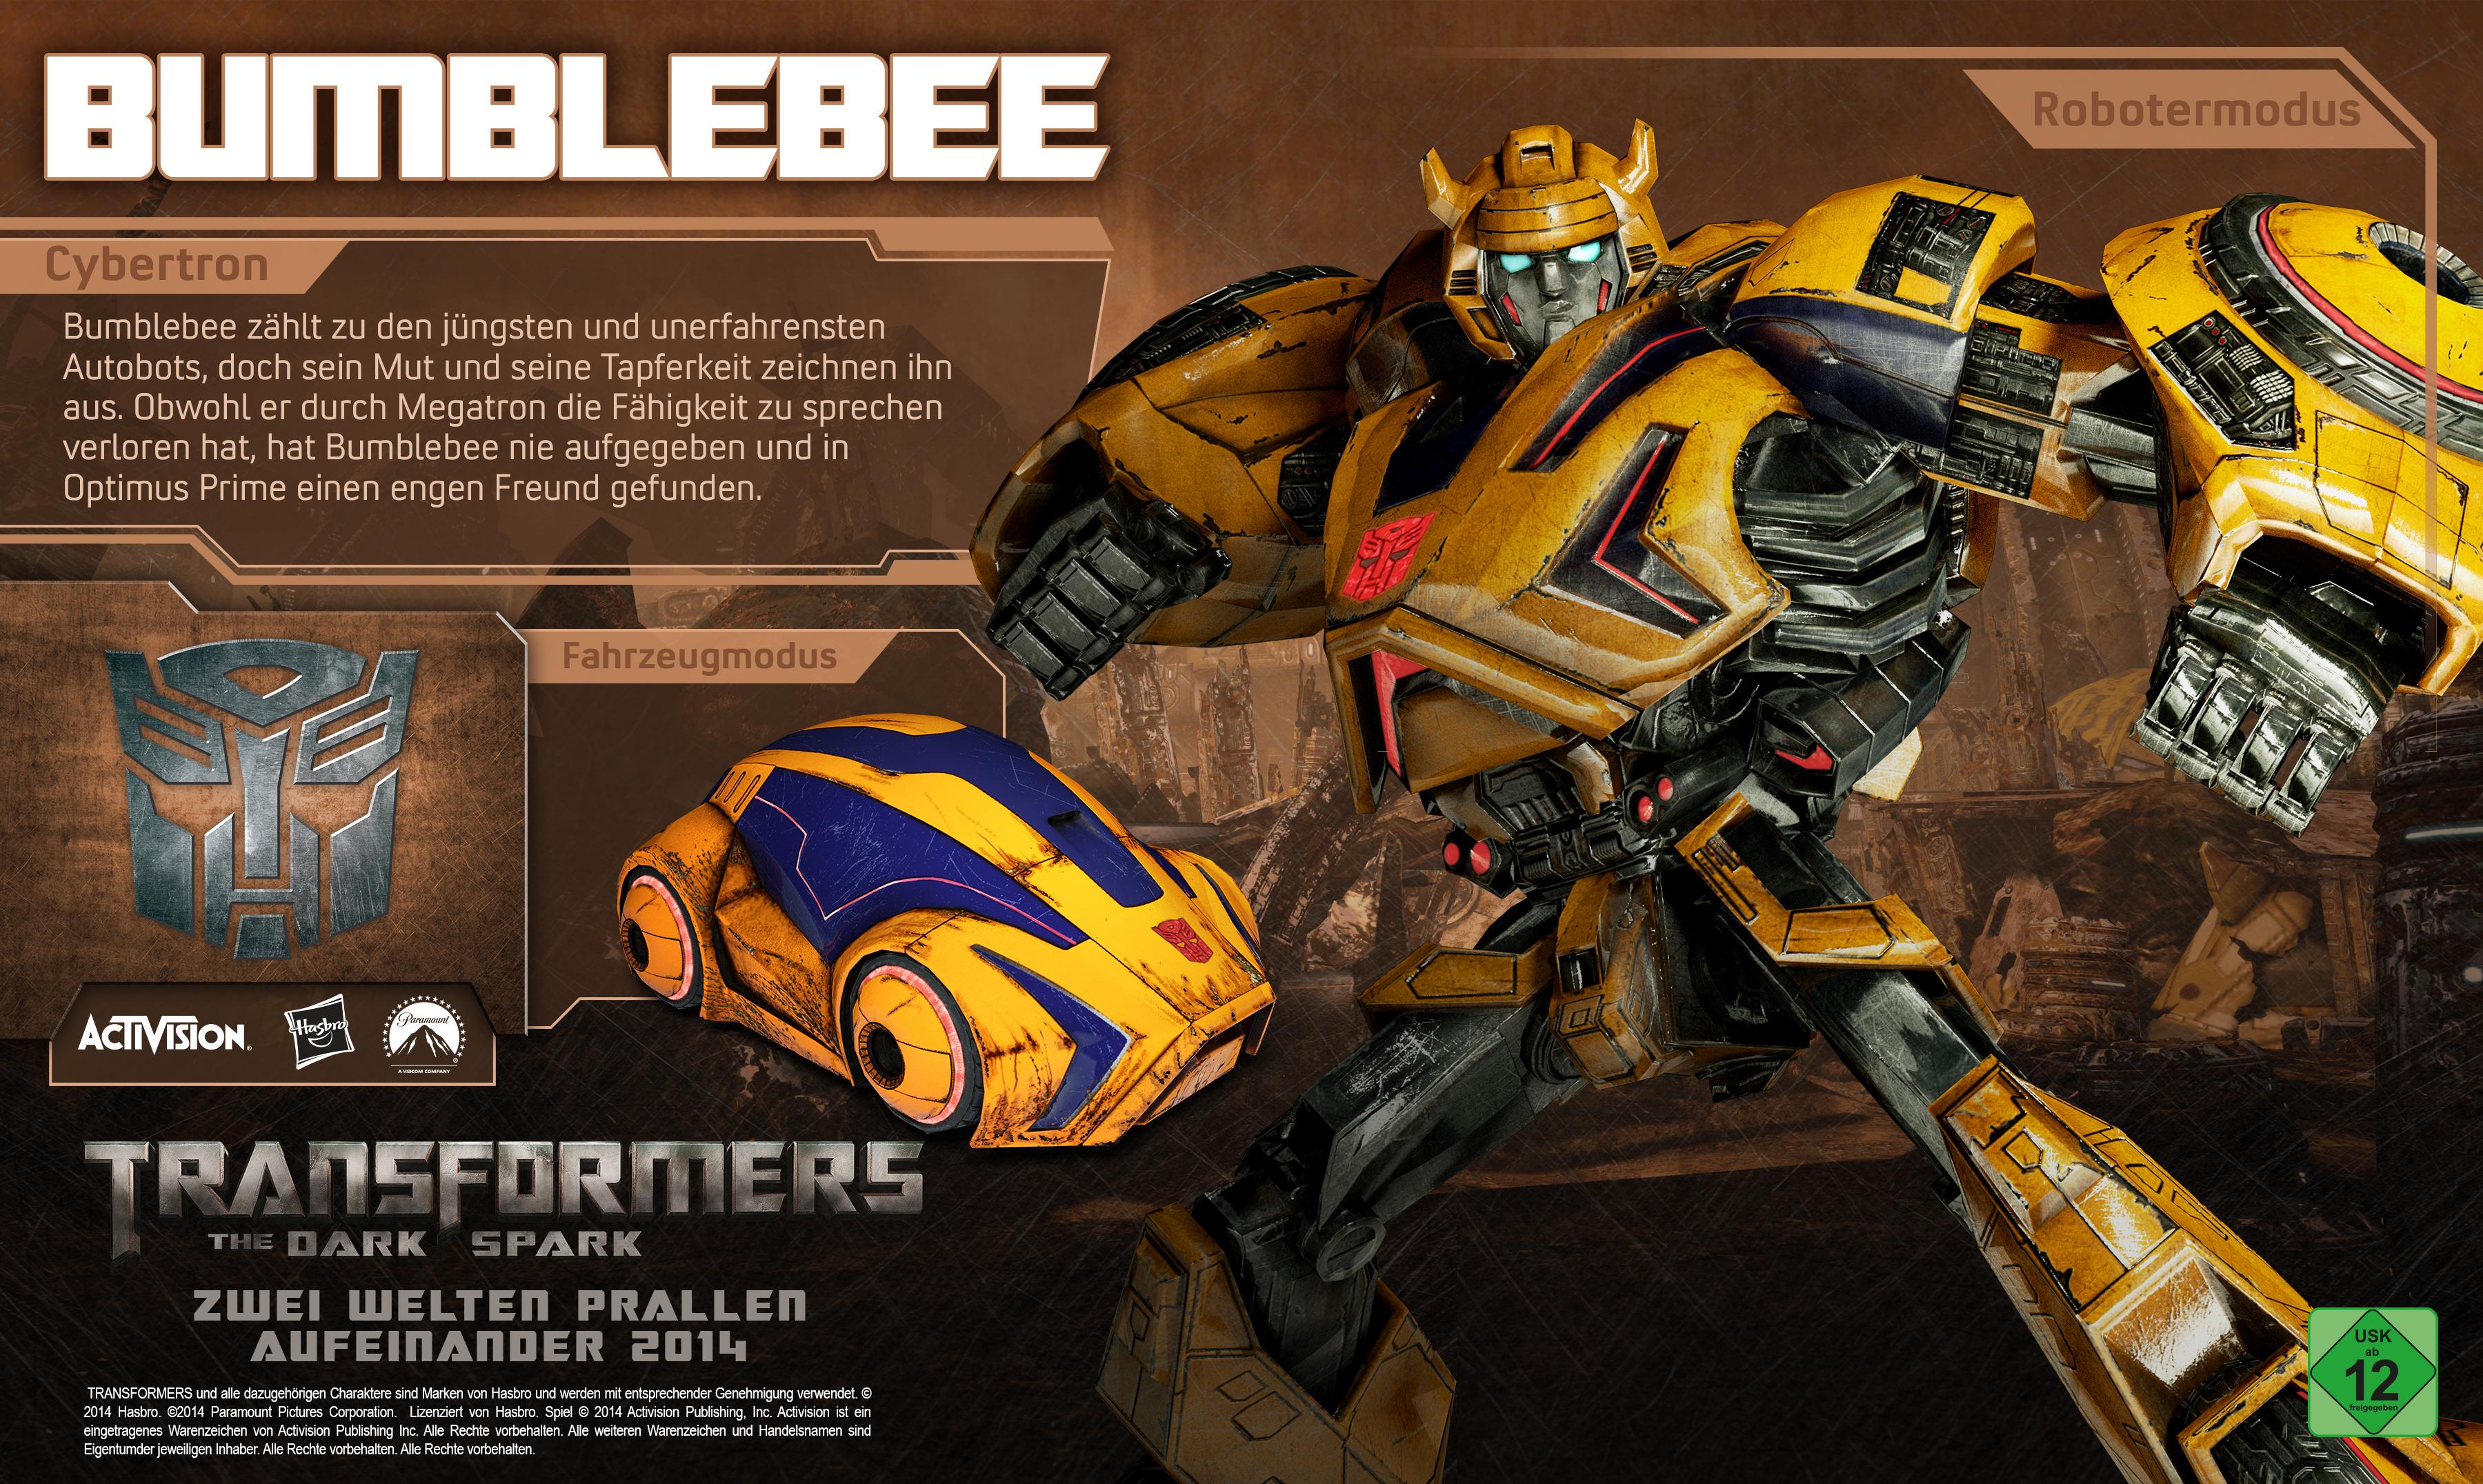 1_TF-RODS_Bio_Cyber_Bumblebee_DE